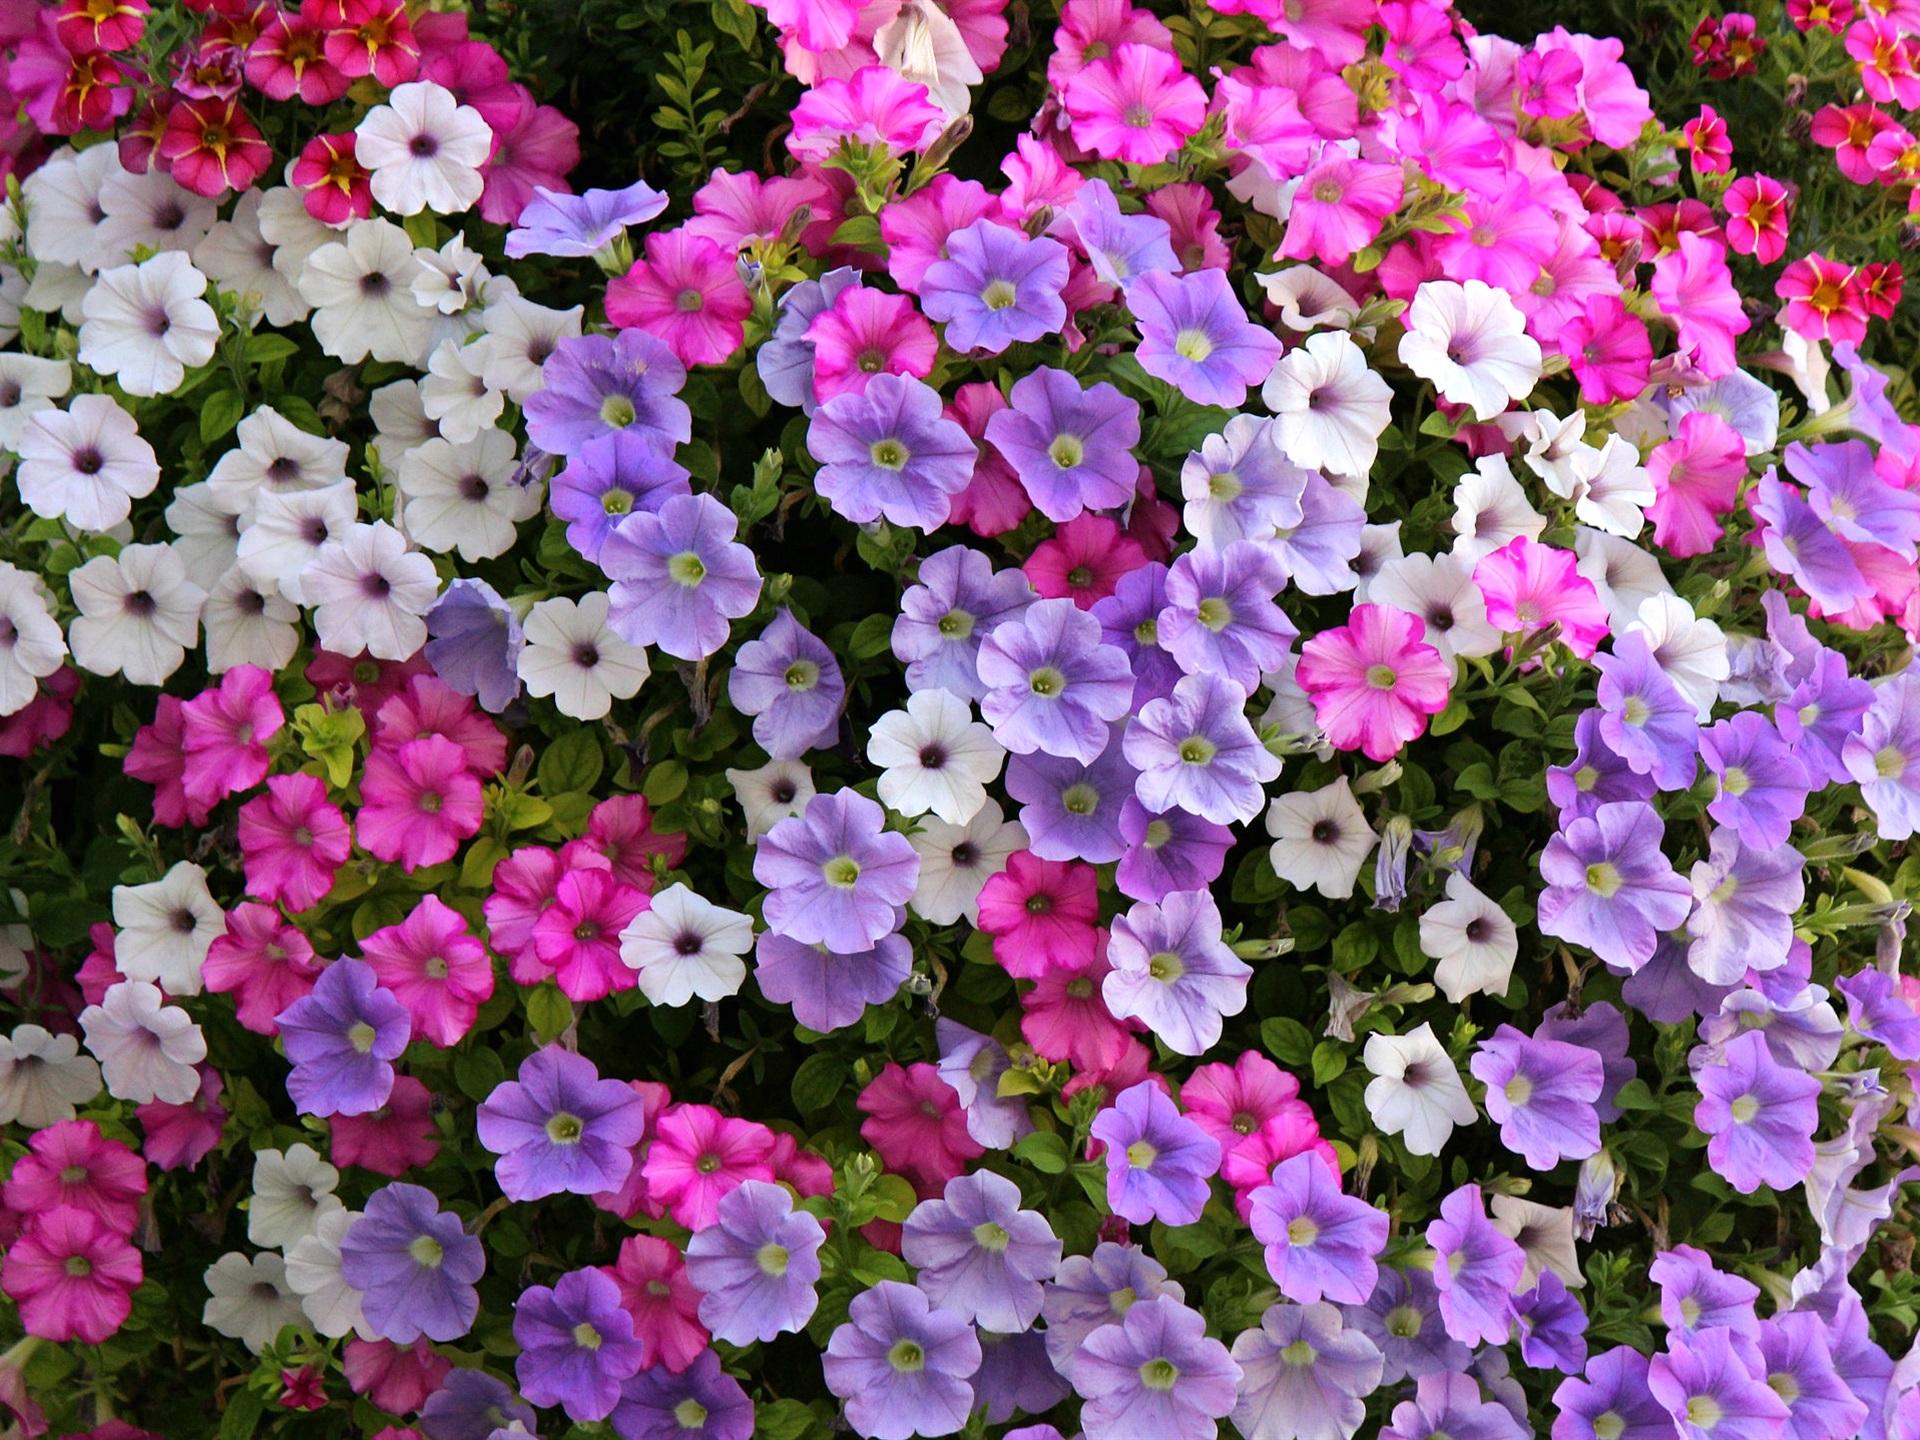 Fondo De Pantalla Flores Blancas En Fondo Rosa: Fondos De Pantalla Flores De Petunia, Blanco, Morado, Rosa